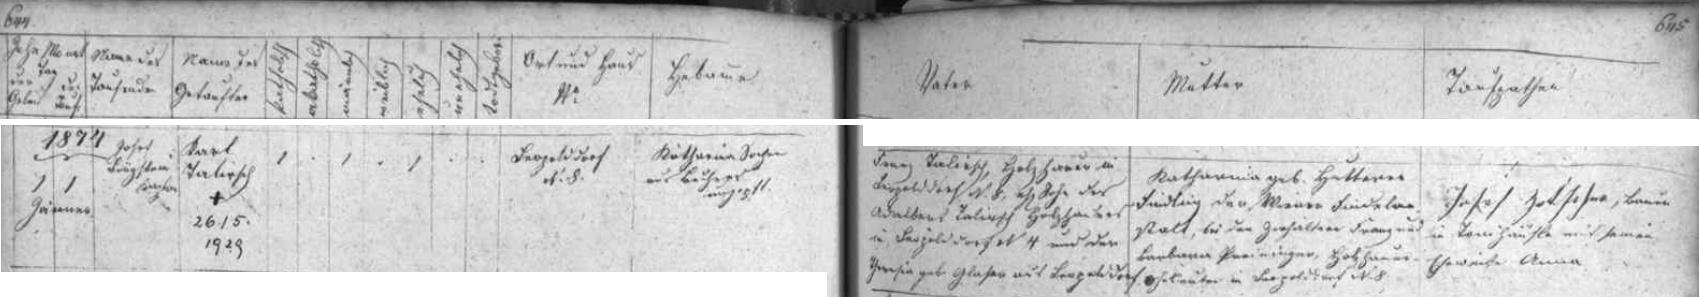 Záznam křestní matriky farní obce Terčí Ves o narození (a také s přípisem o datu úmrtí) Karla Talirsche vLeopoldově čp. 8 dne 1. ledna roku 1874